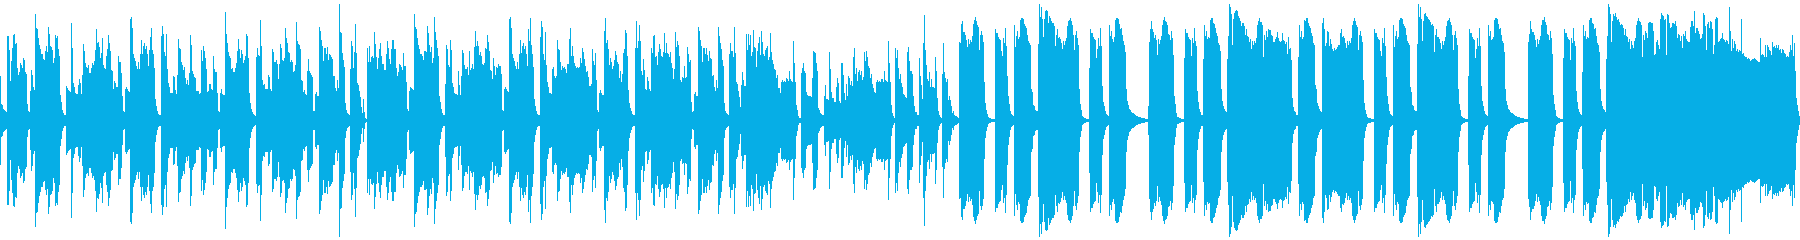 レトロBGM 日常 変化の再生済みの波形